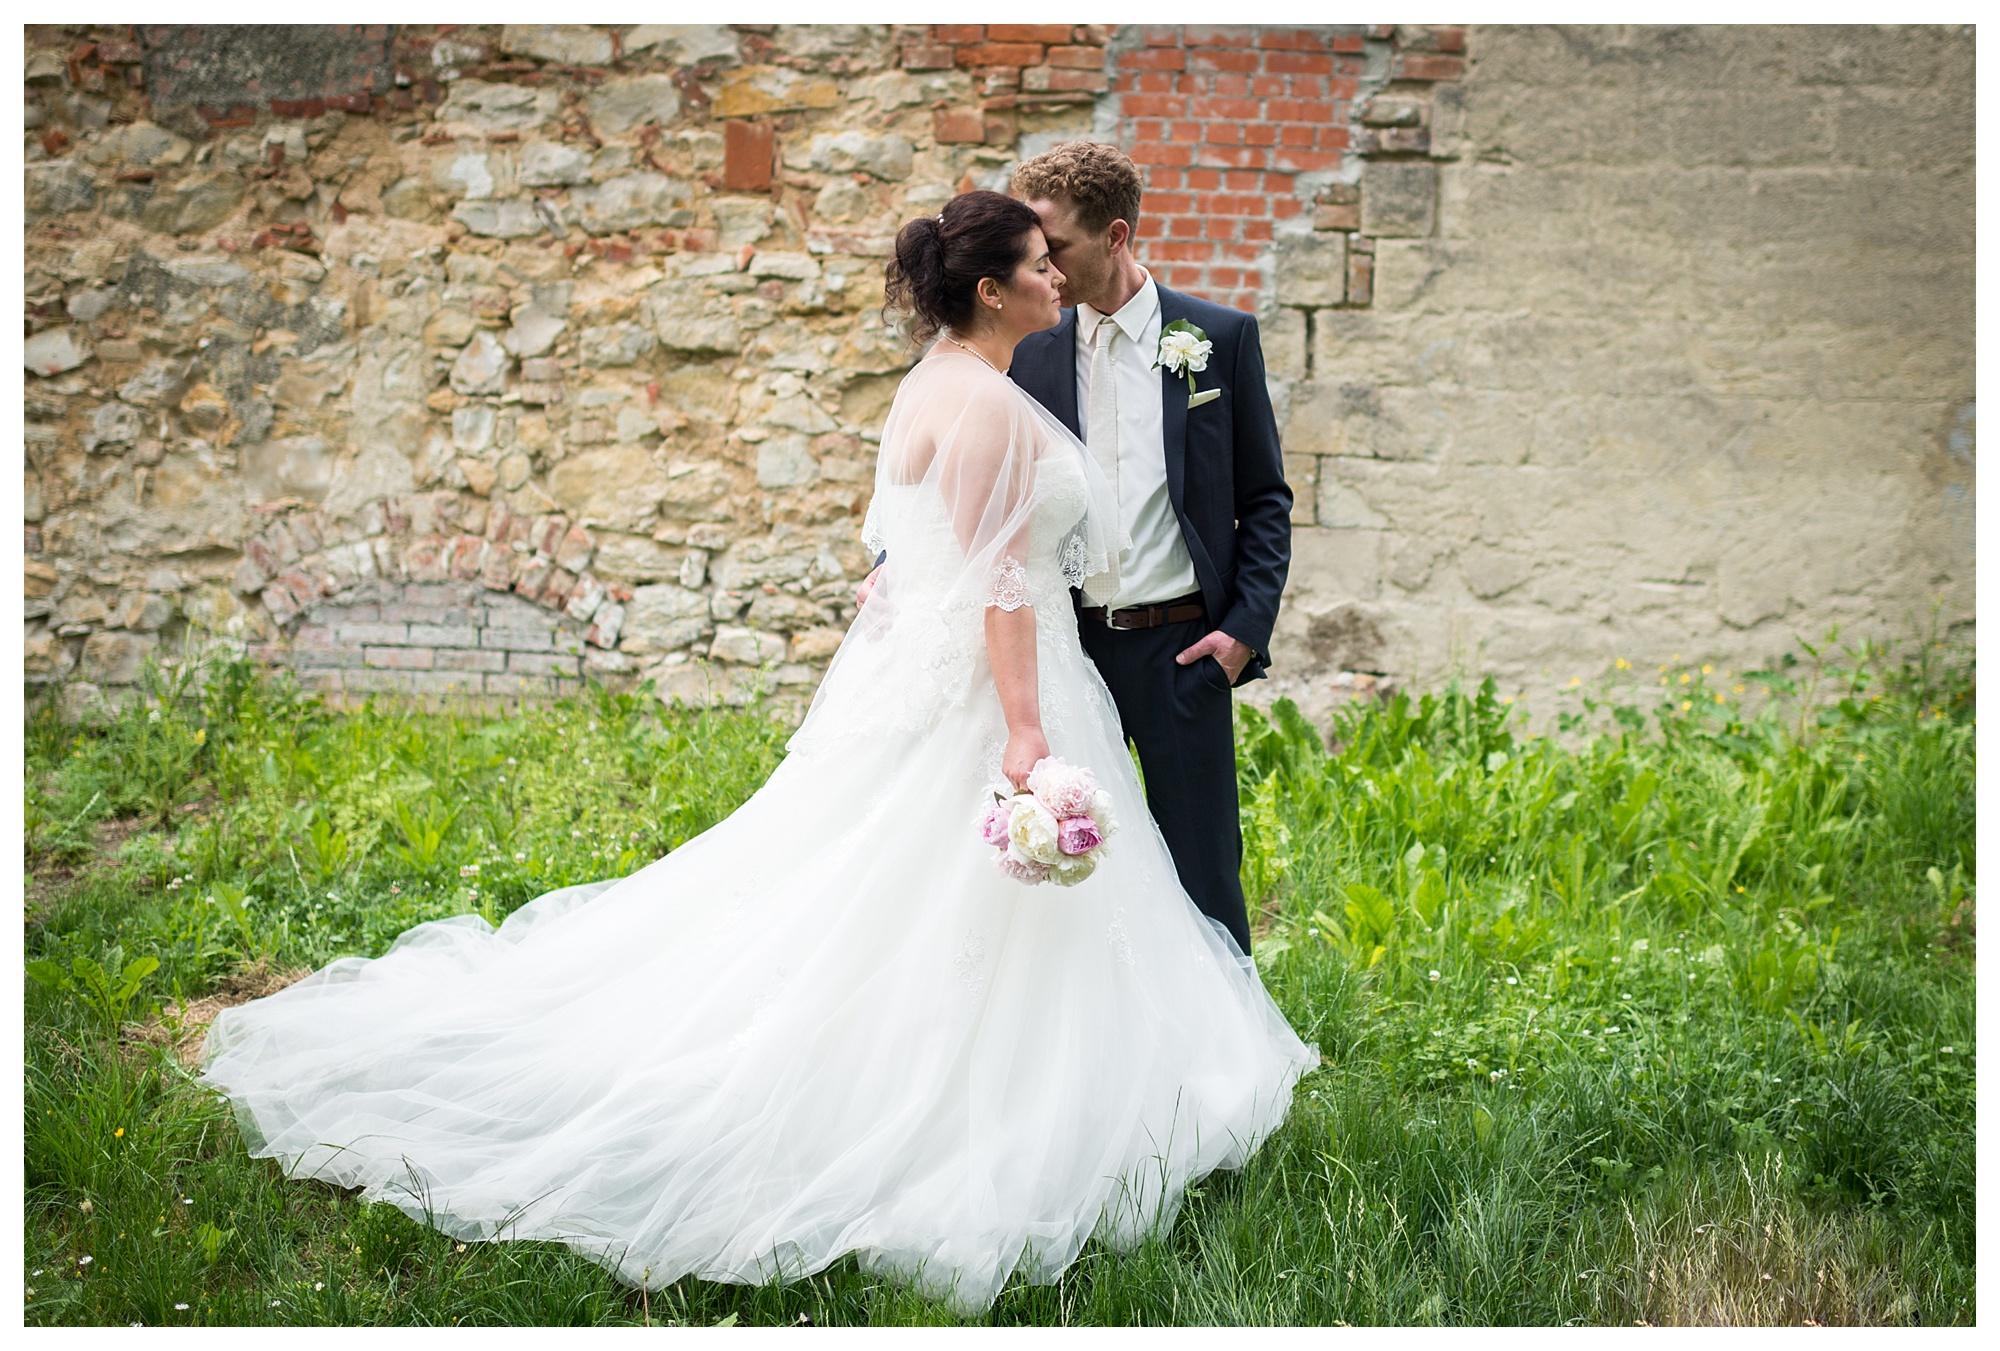 Fotograf Konstanz - Hochzeit Tanja Elmar Elmar Feuerbacher Photography Konstanz Messkirch Highlights 063 - Hochzeitsreportage von Tanja und Elmar im Schloss Meßkirch  - 166 -